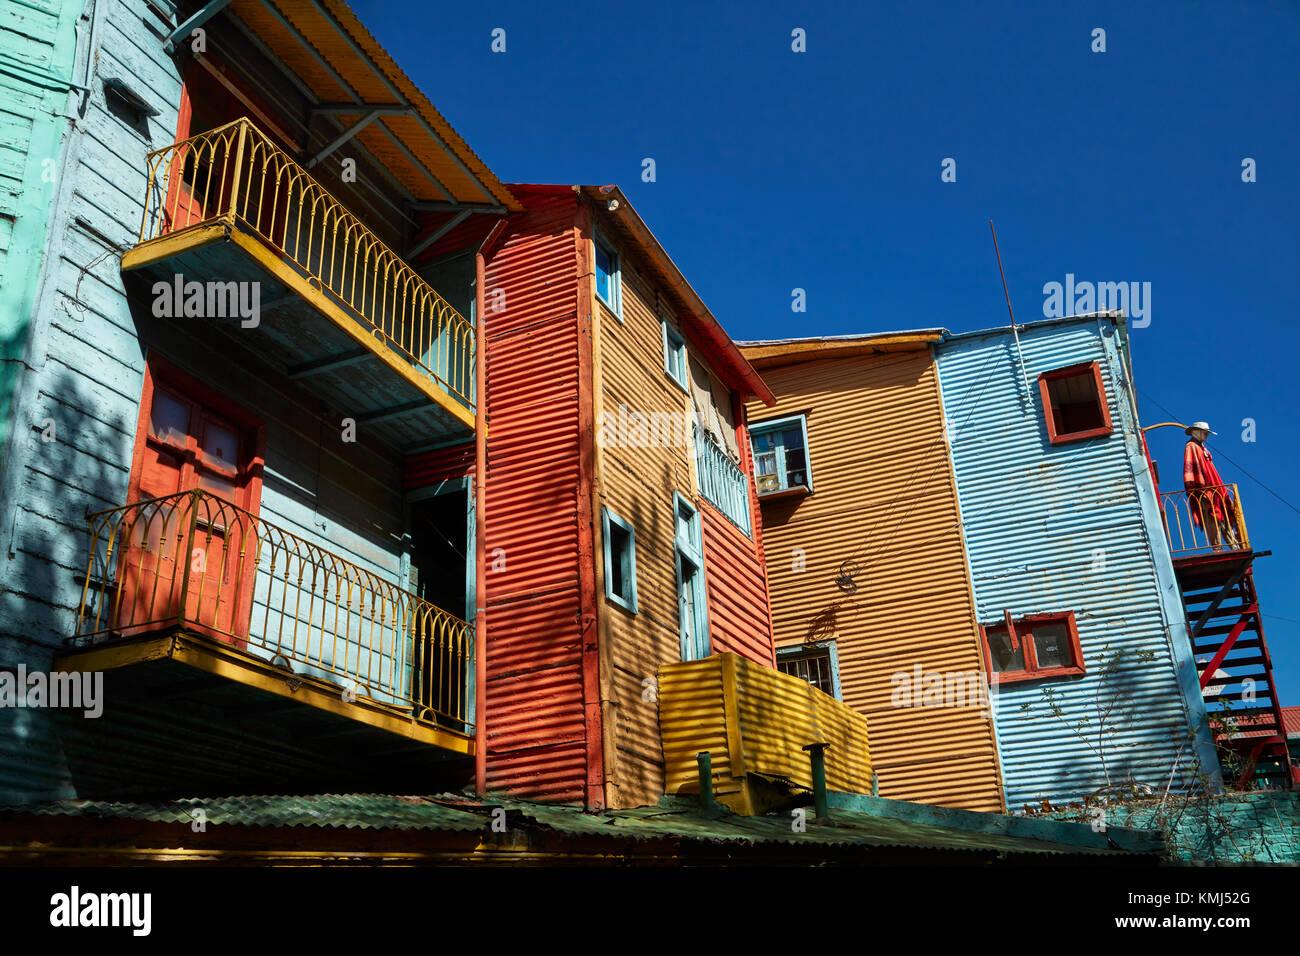 Bâtiments sur el Caminito, la Boca, Buenos Aires, Argentine, Amérique du Sud Photo Stock